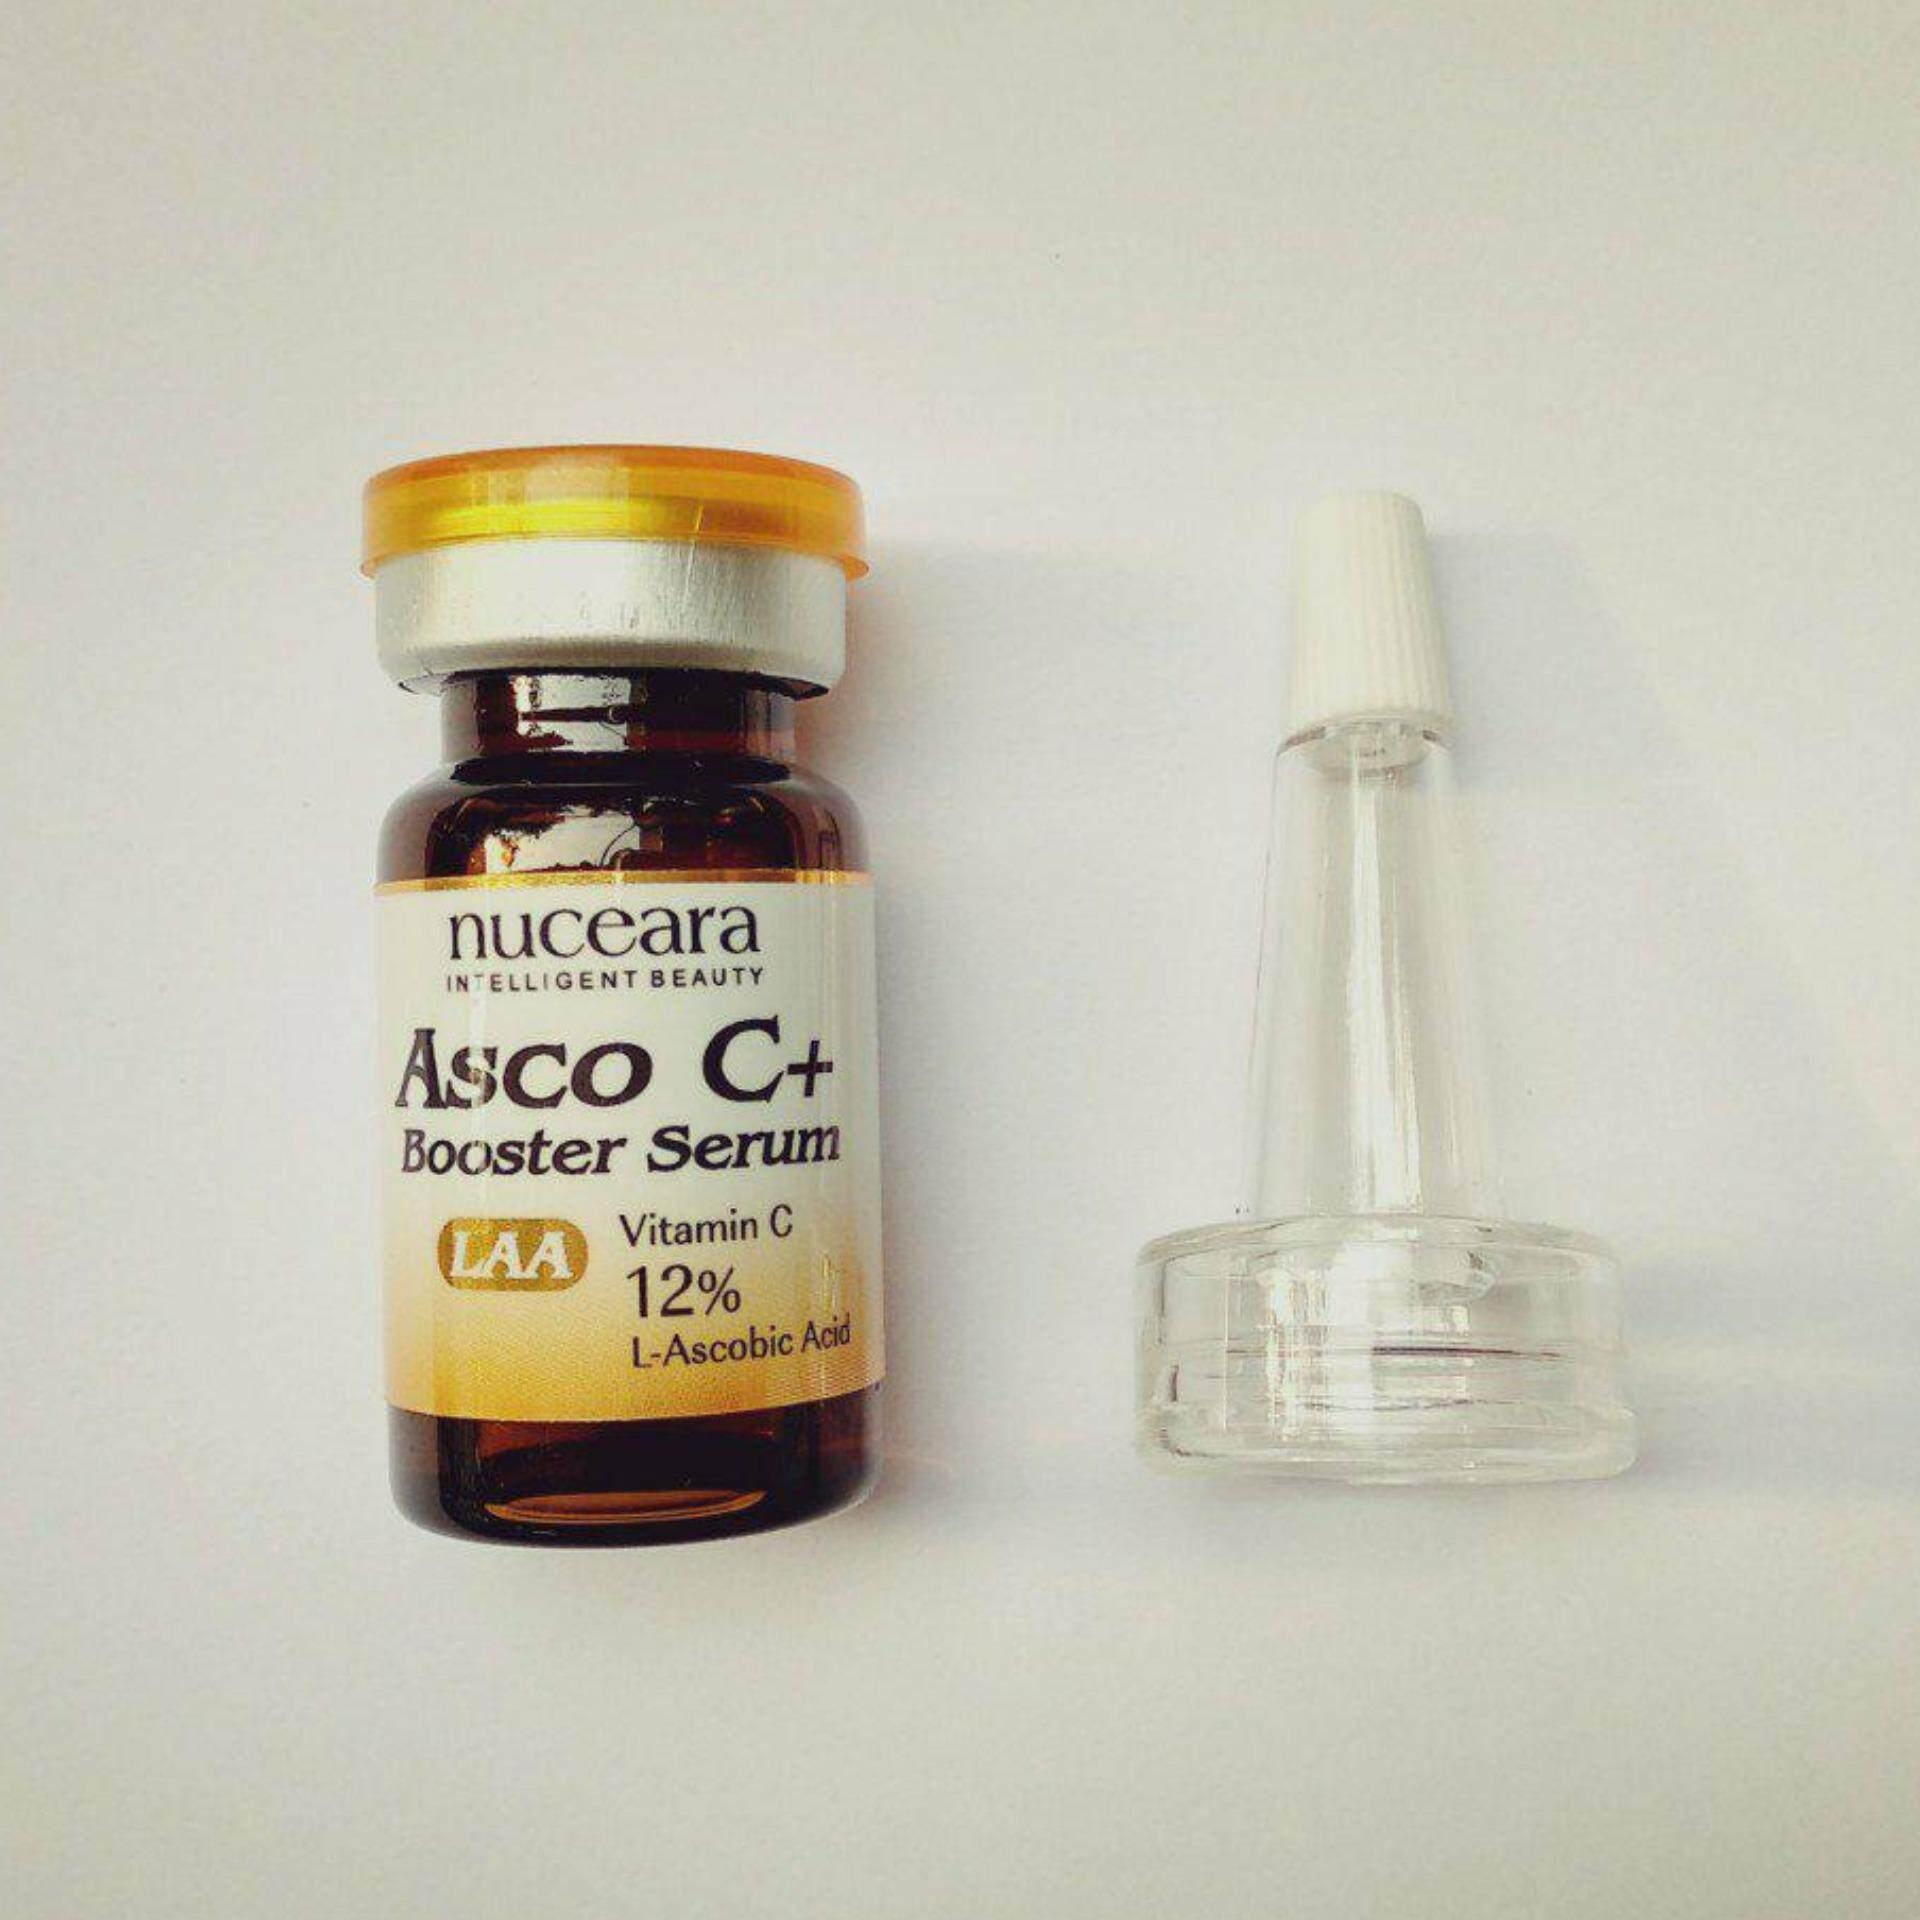 ราคา สูตรใหม่ Nuceara Asco C Booster Serum เซรั่มวิตามินซีบริสุทธิ์ Laa Co Synergy Empower C Technology ใน กรุงเทพมหานคร